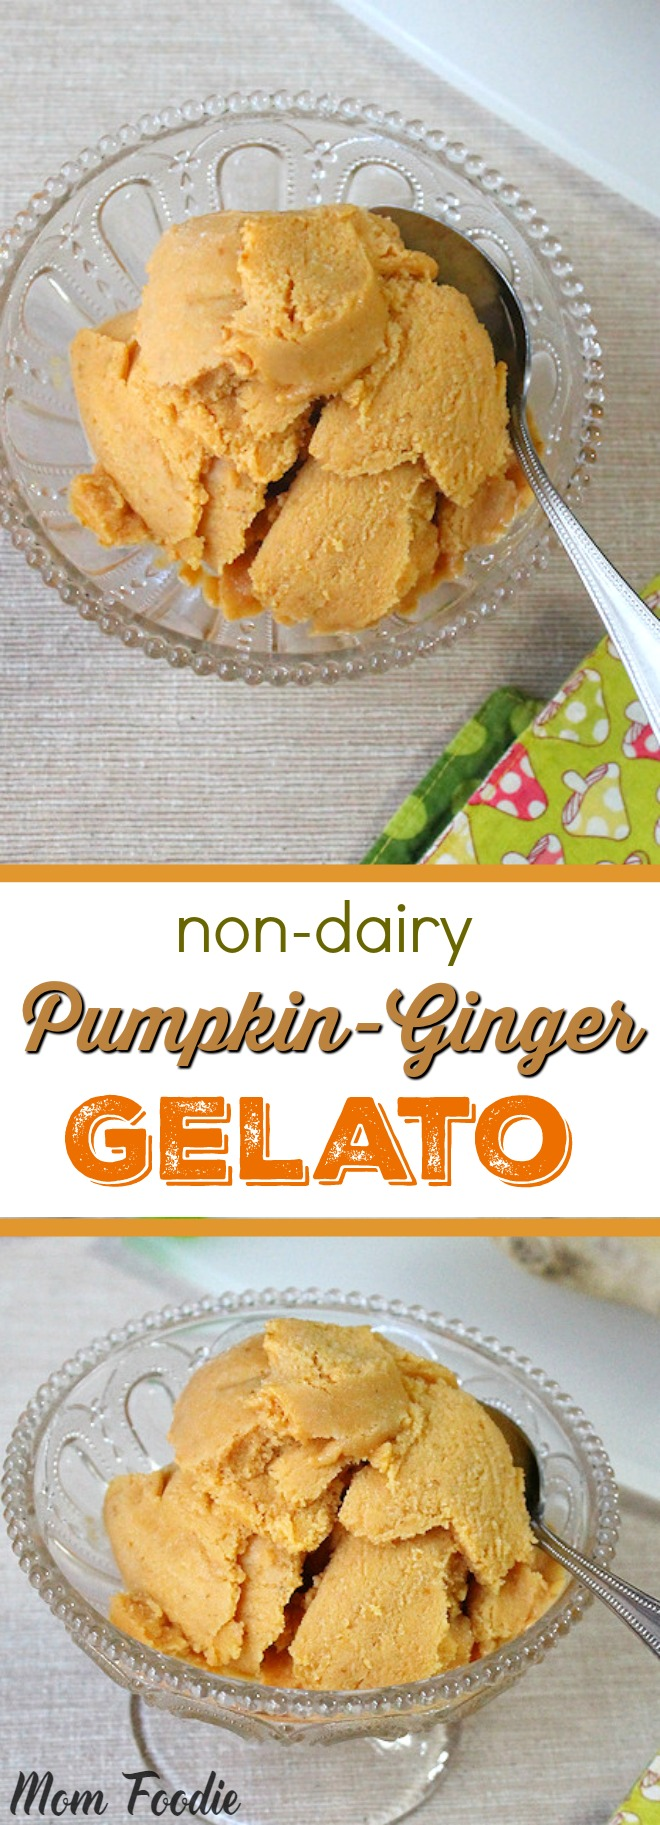 non-dairy Pumpkin-Ginger Gelato